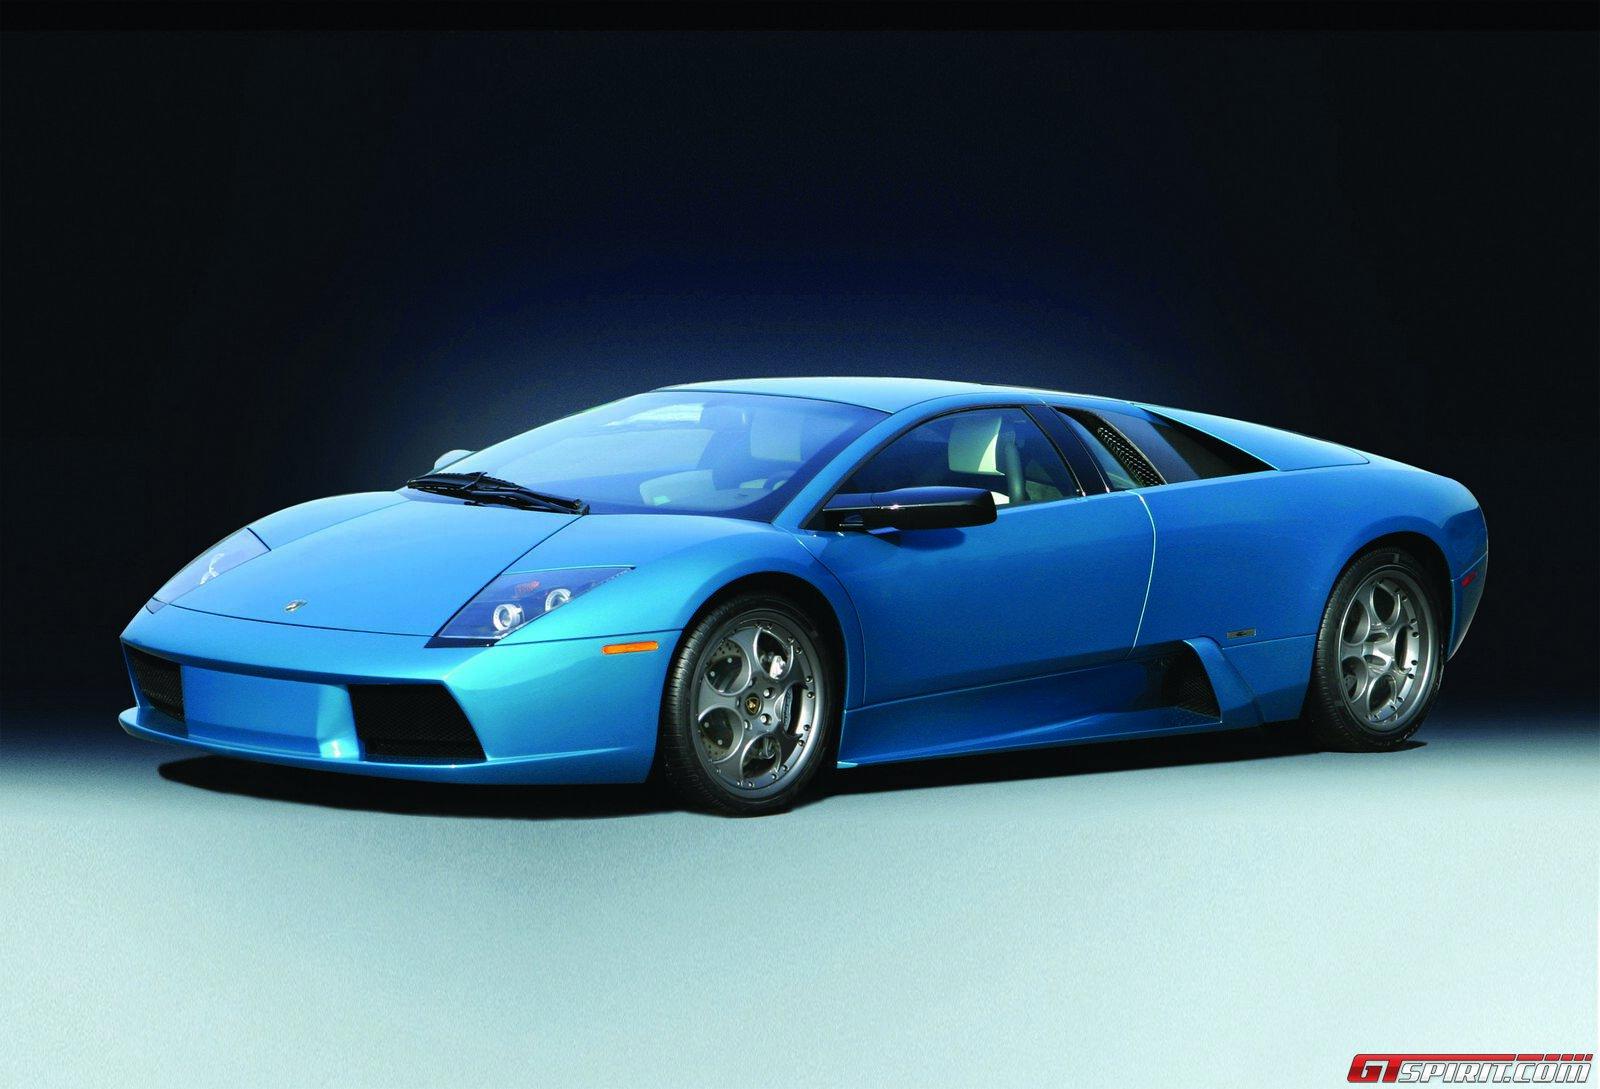 50th Anniversary Model for Lamborghini Photo 4